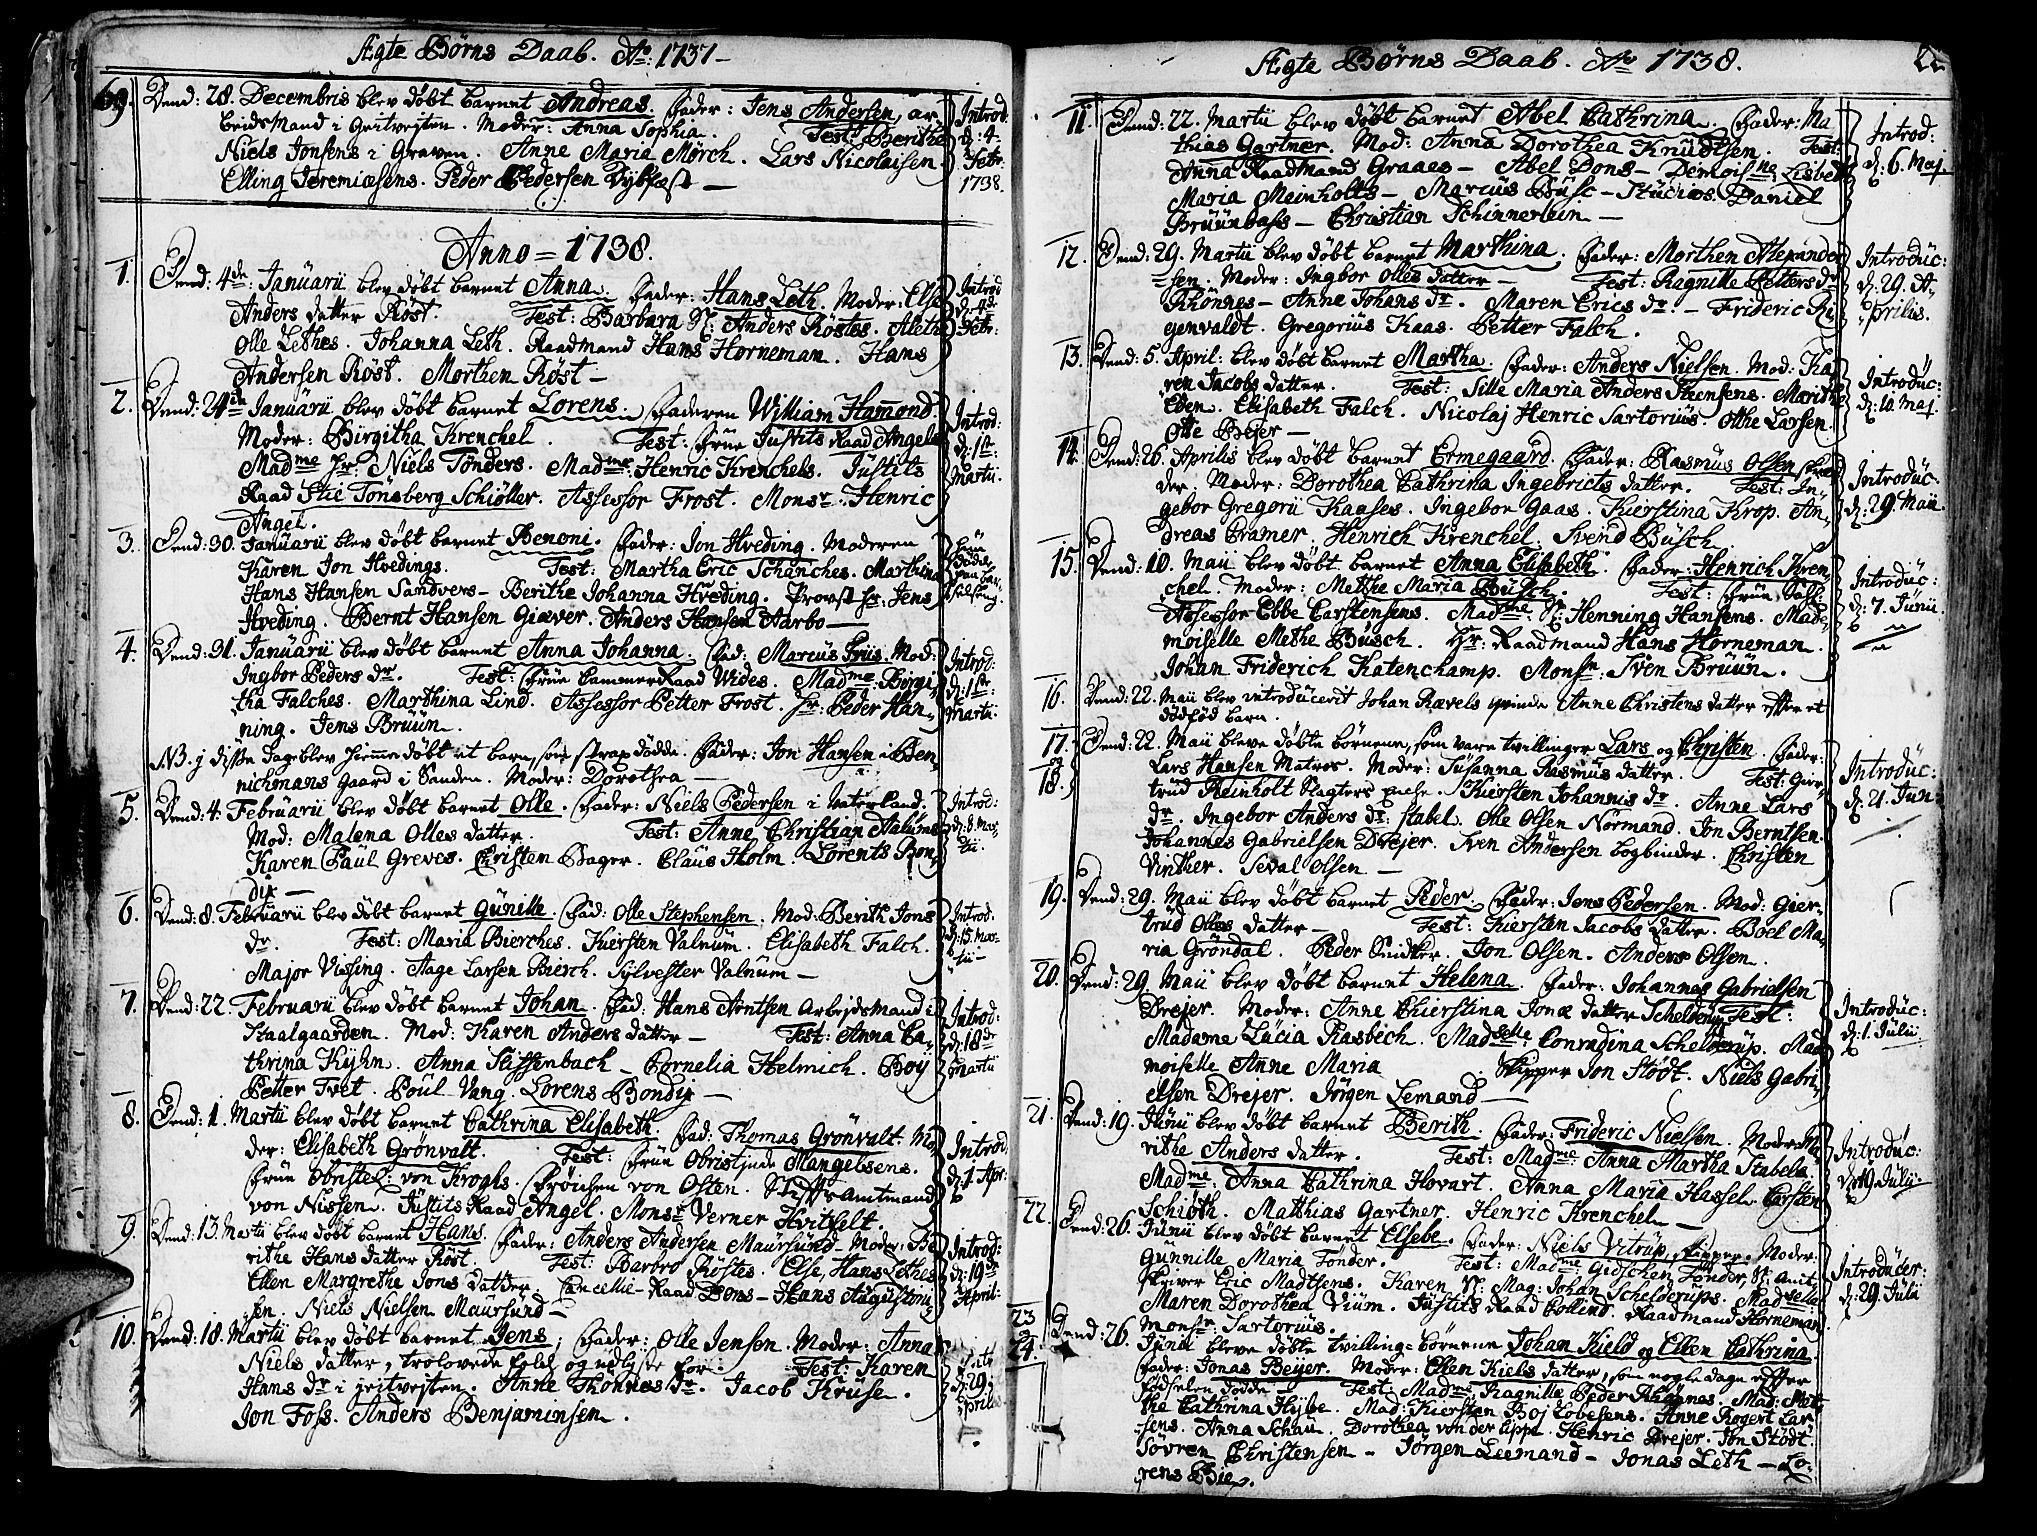 SAT, Ministerialprotokoller, klokkerbøker og fødselsregistre - Sør-Trøndelag, 602/L0103: Ministerialbok nr. 602A01, 1732-1774, s. 22